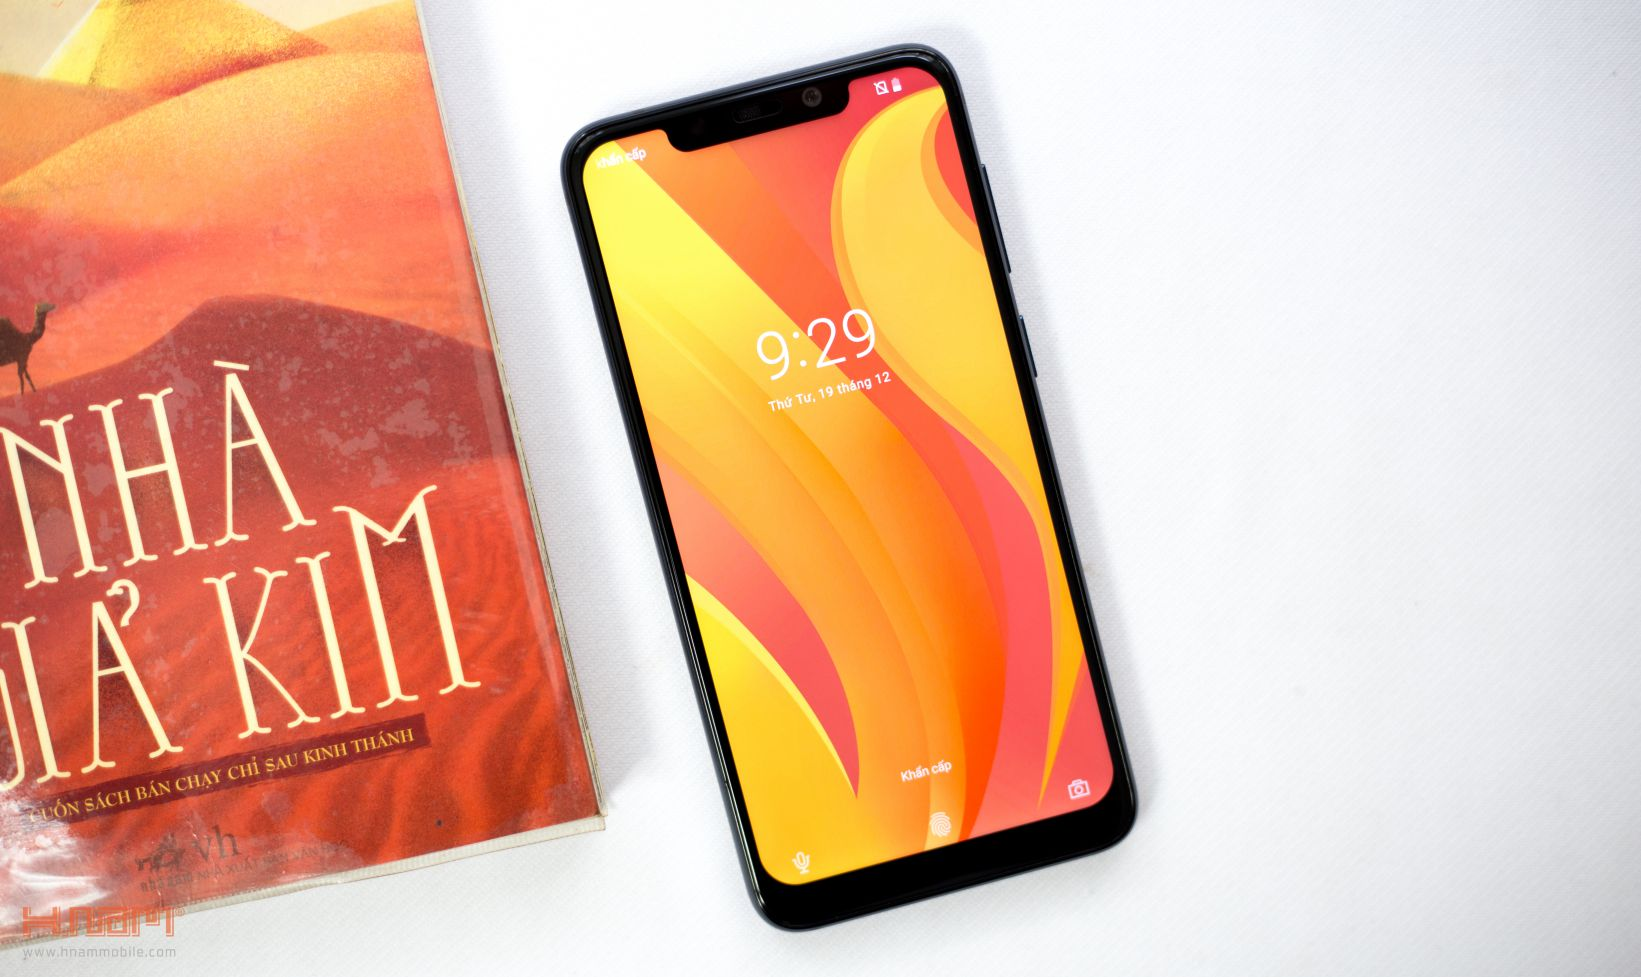 Trên tay Active 1+: smartphone tầm trung đáng sở hữu của ngưởi Việt? hình 3